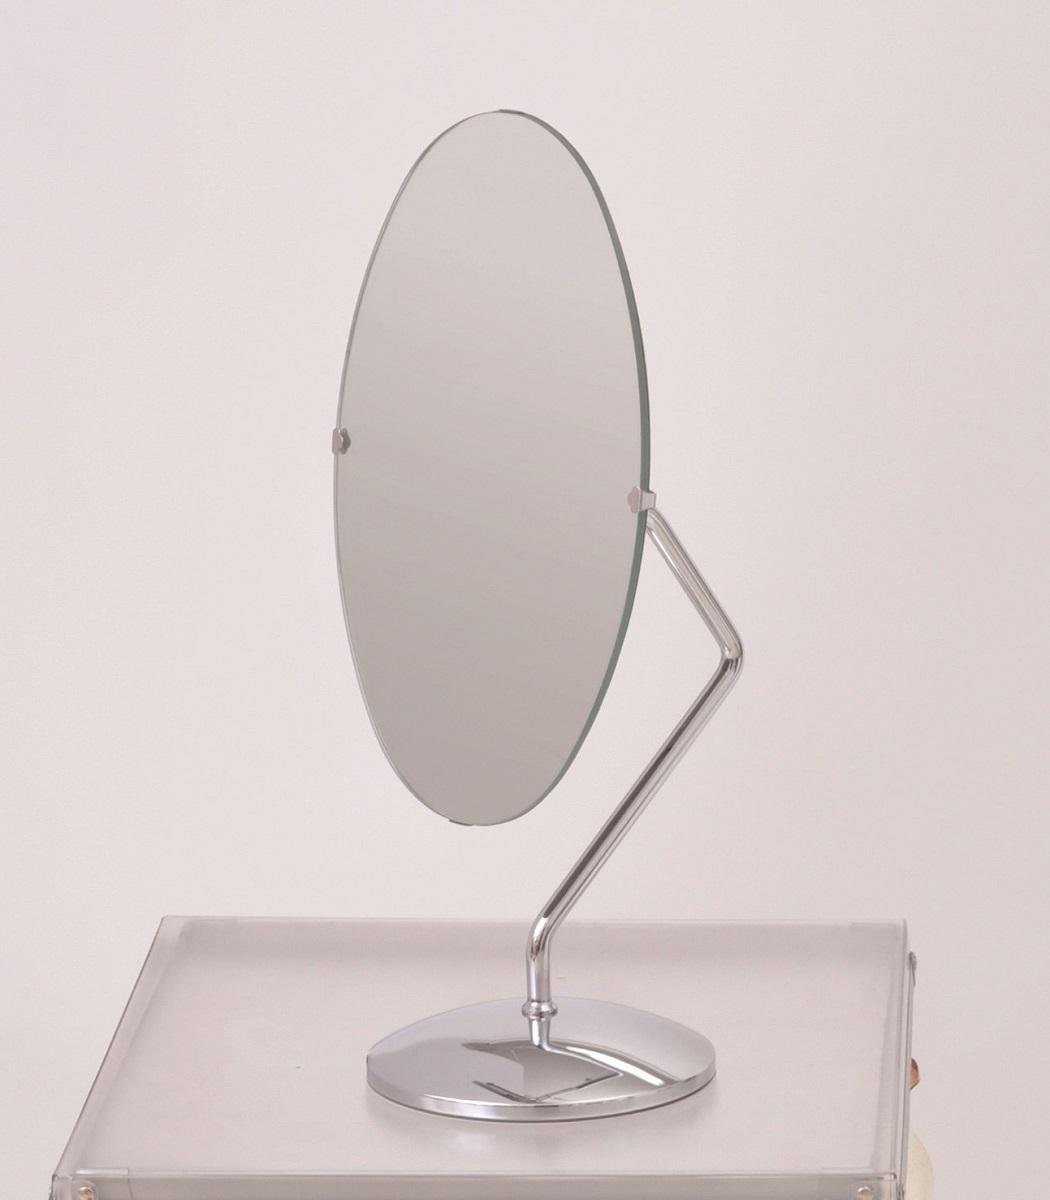 回転鏡 小判型(卓上鏡)在庫切れの場合は納期をお知らせいたします。